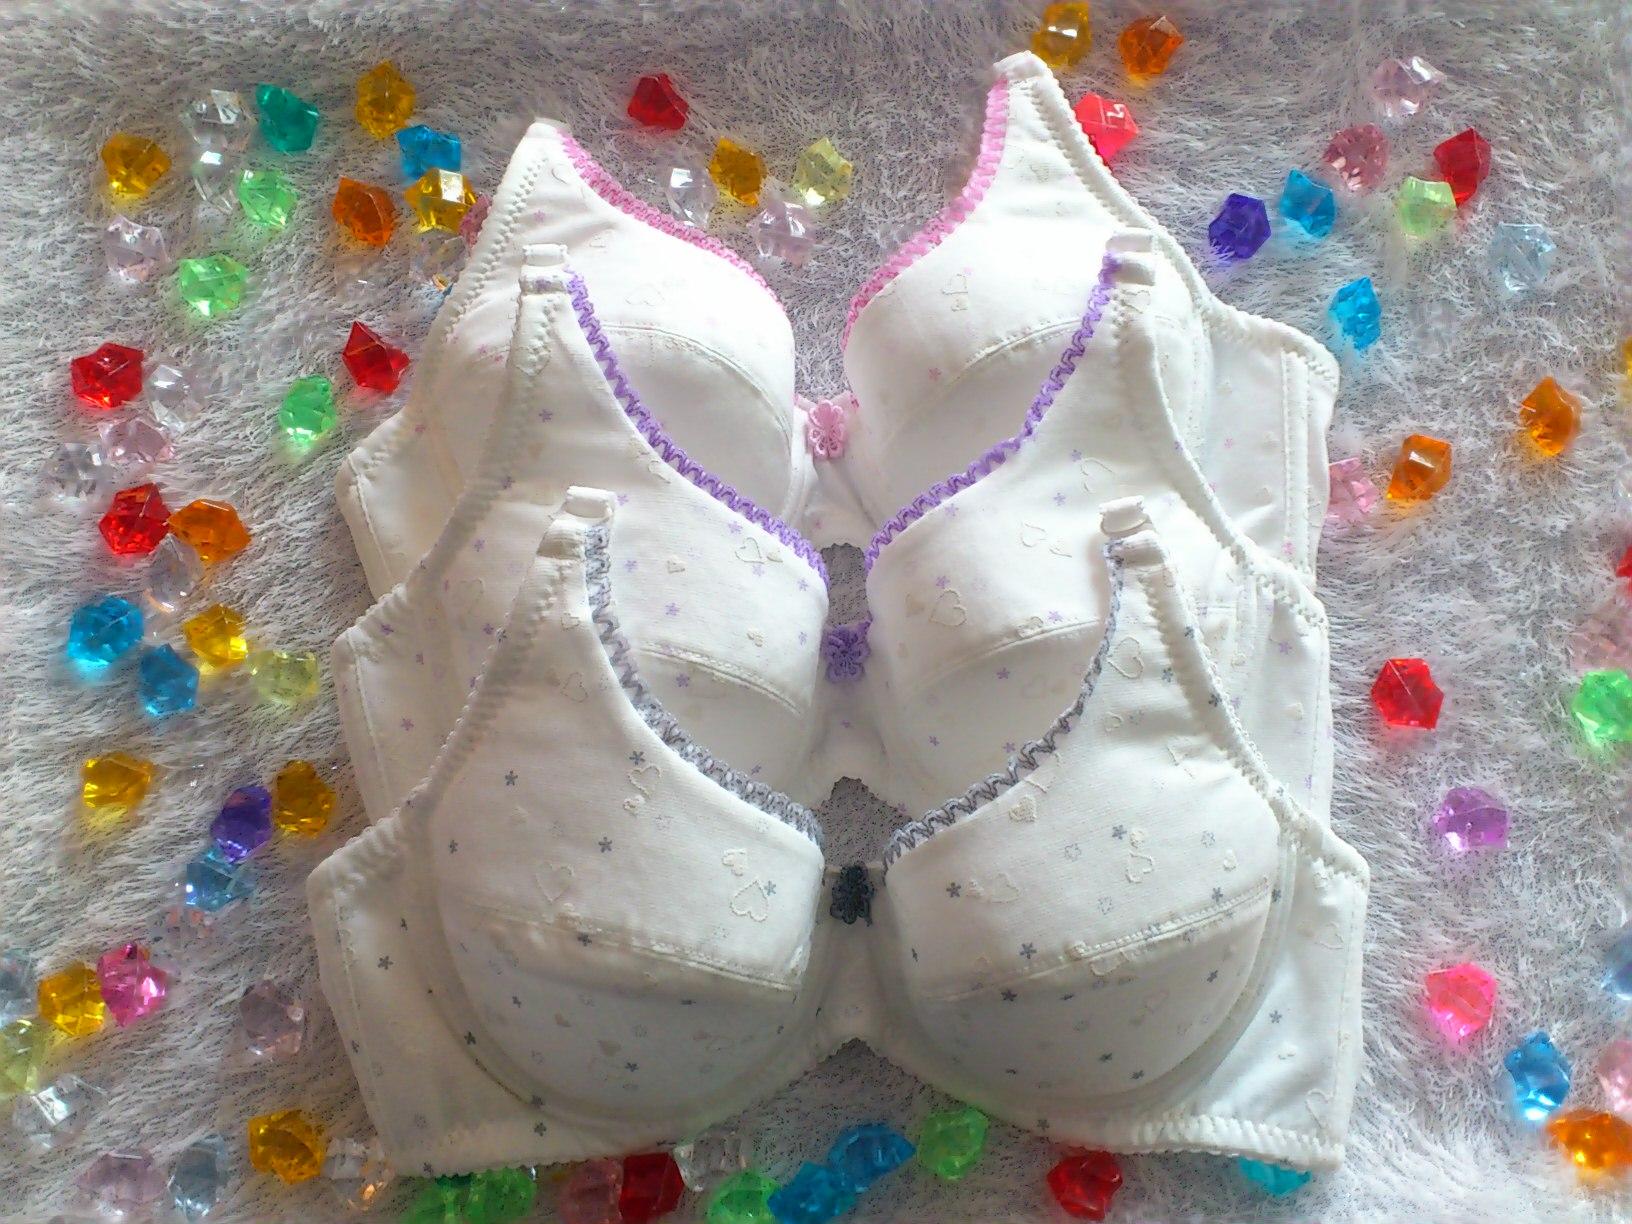 【台灣製】少女學生內衣軟鋼絲均勻襯墊可拆變換肩帶70/75/80/85/90(BC罩杯)H3500俏麗一身